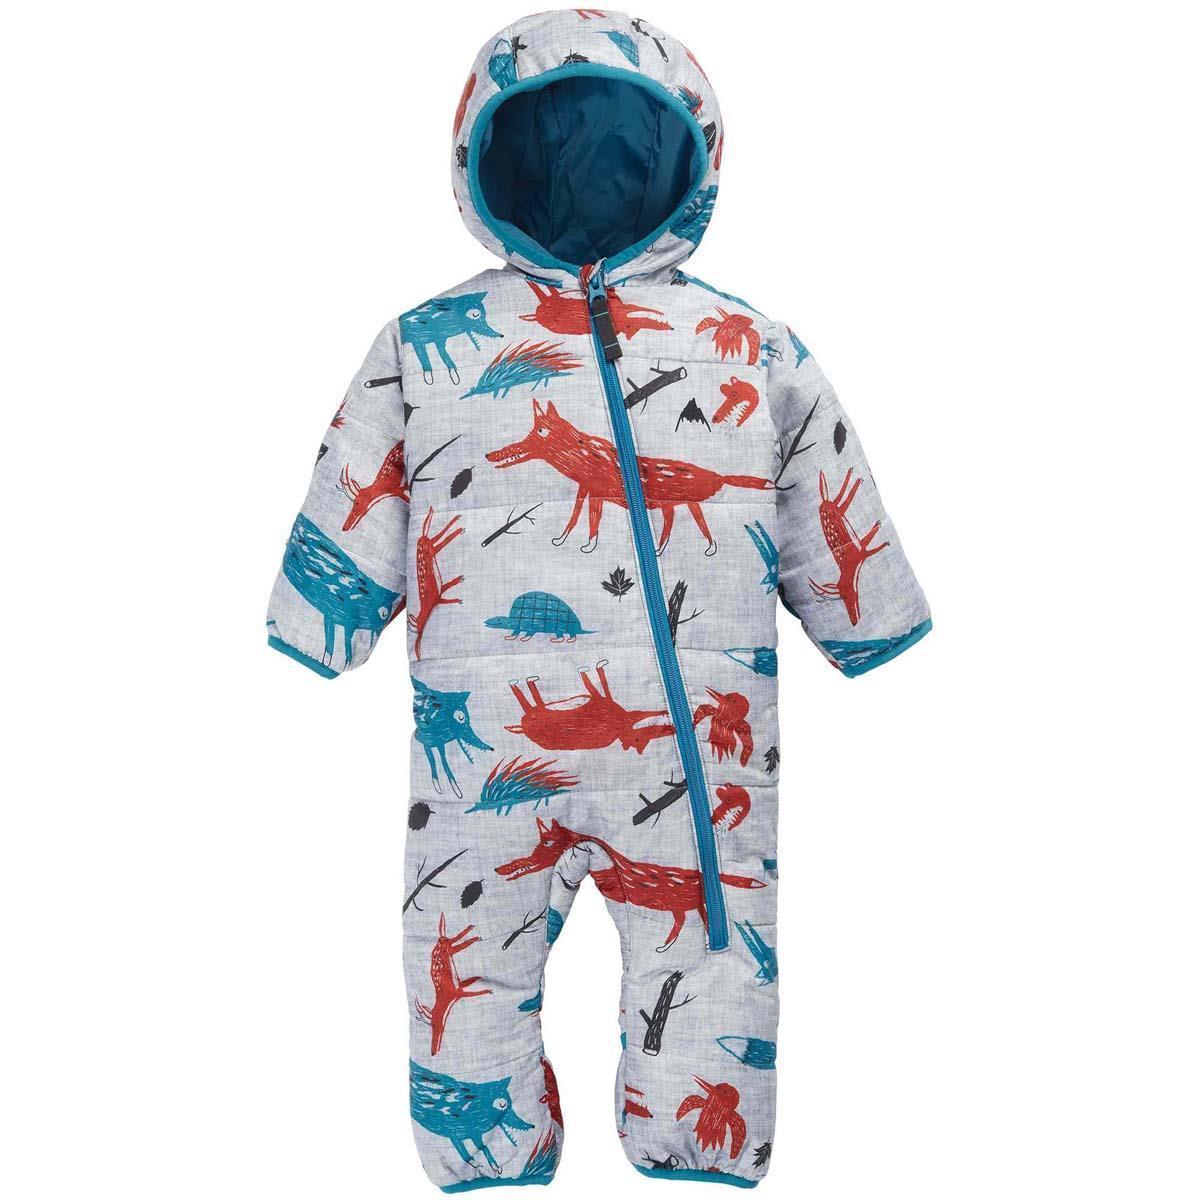 bb9f4d9d896c cheap prices eeb59 4a899 17 18 kids burton minishred infant buddy ...